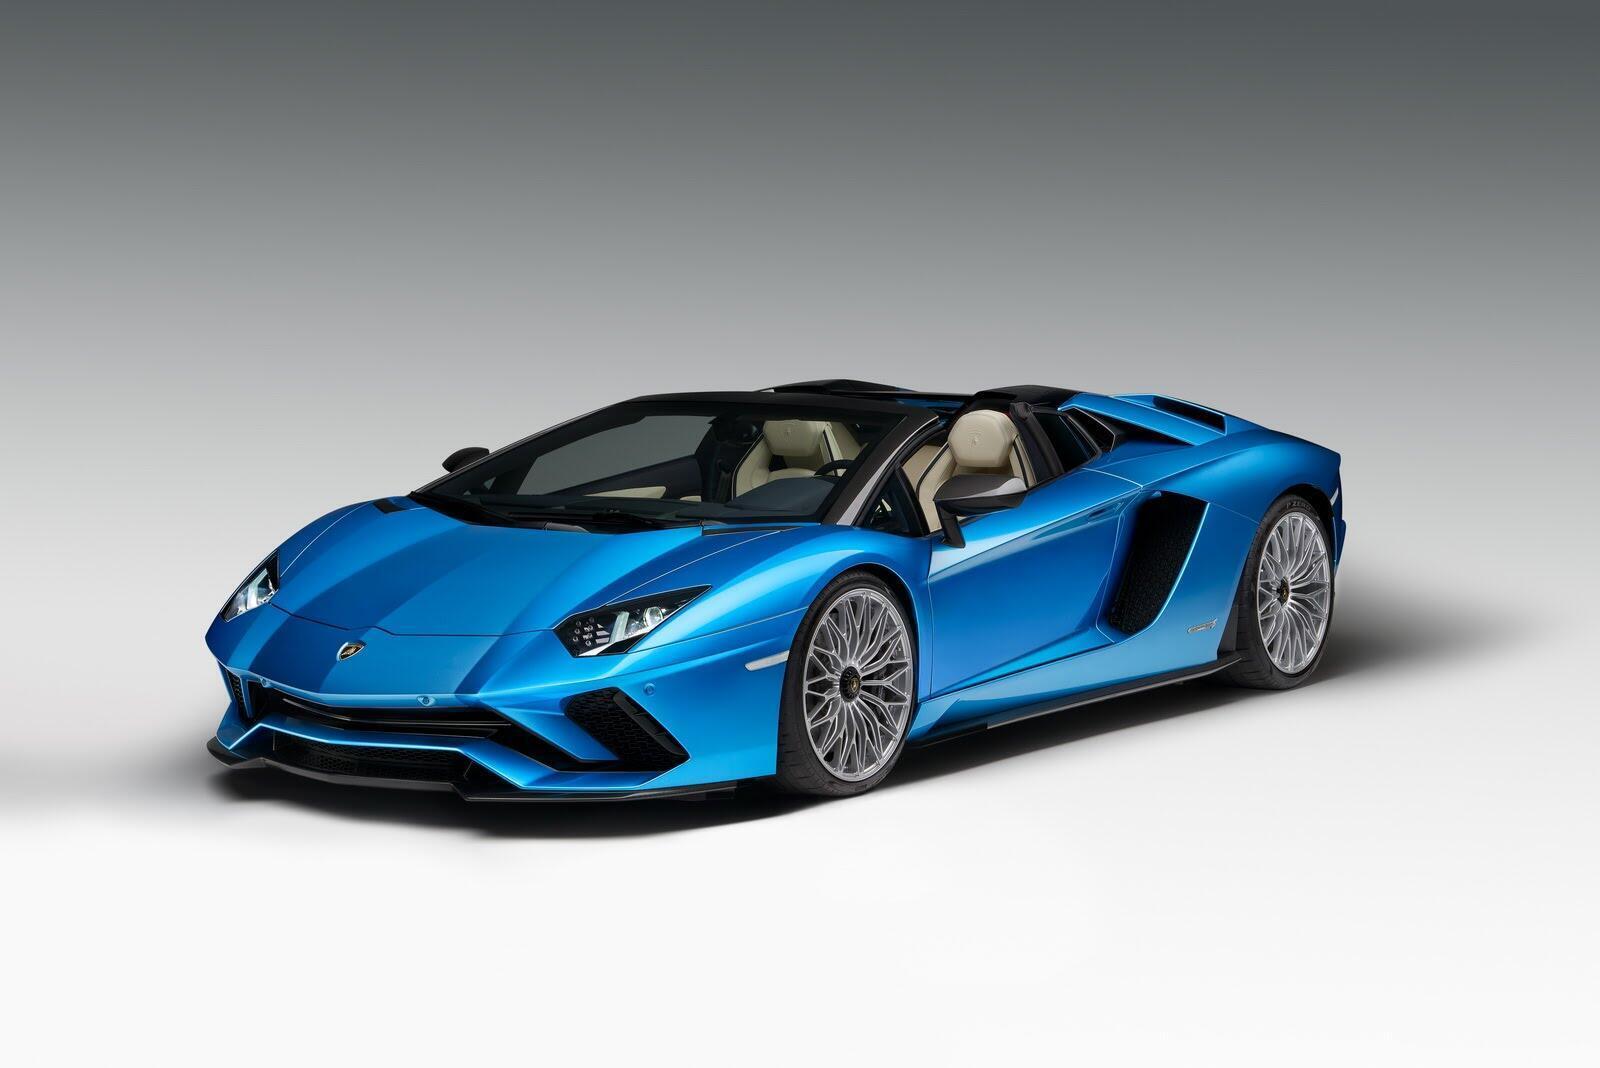 Siêu xe Lamborghini Aventador S Roadster chính thức trình làng - Hình 19